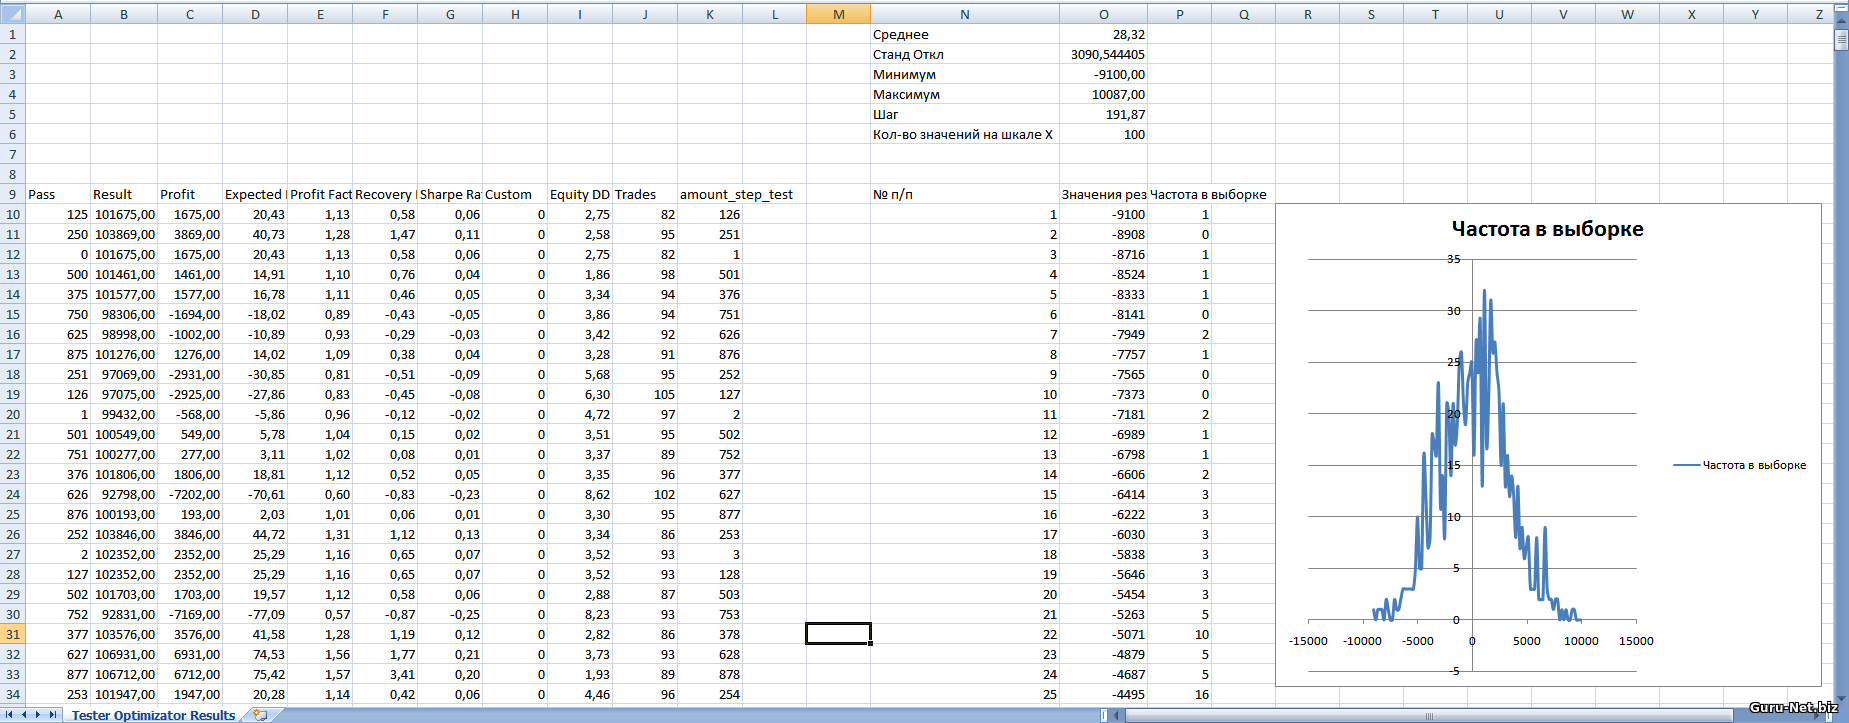 Распределение результатов для фиксированных стоп и тейк